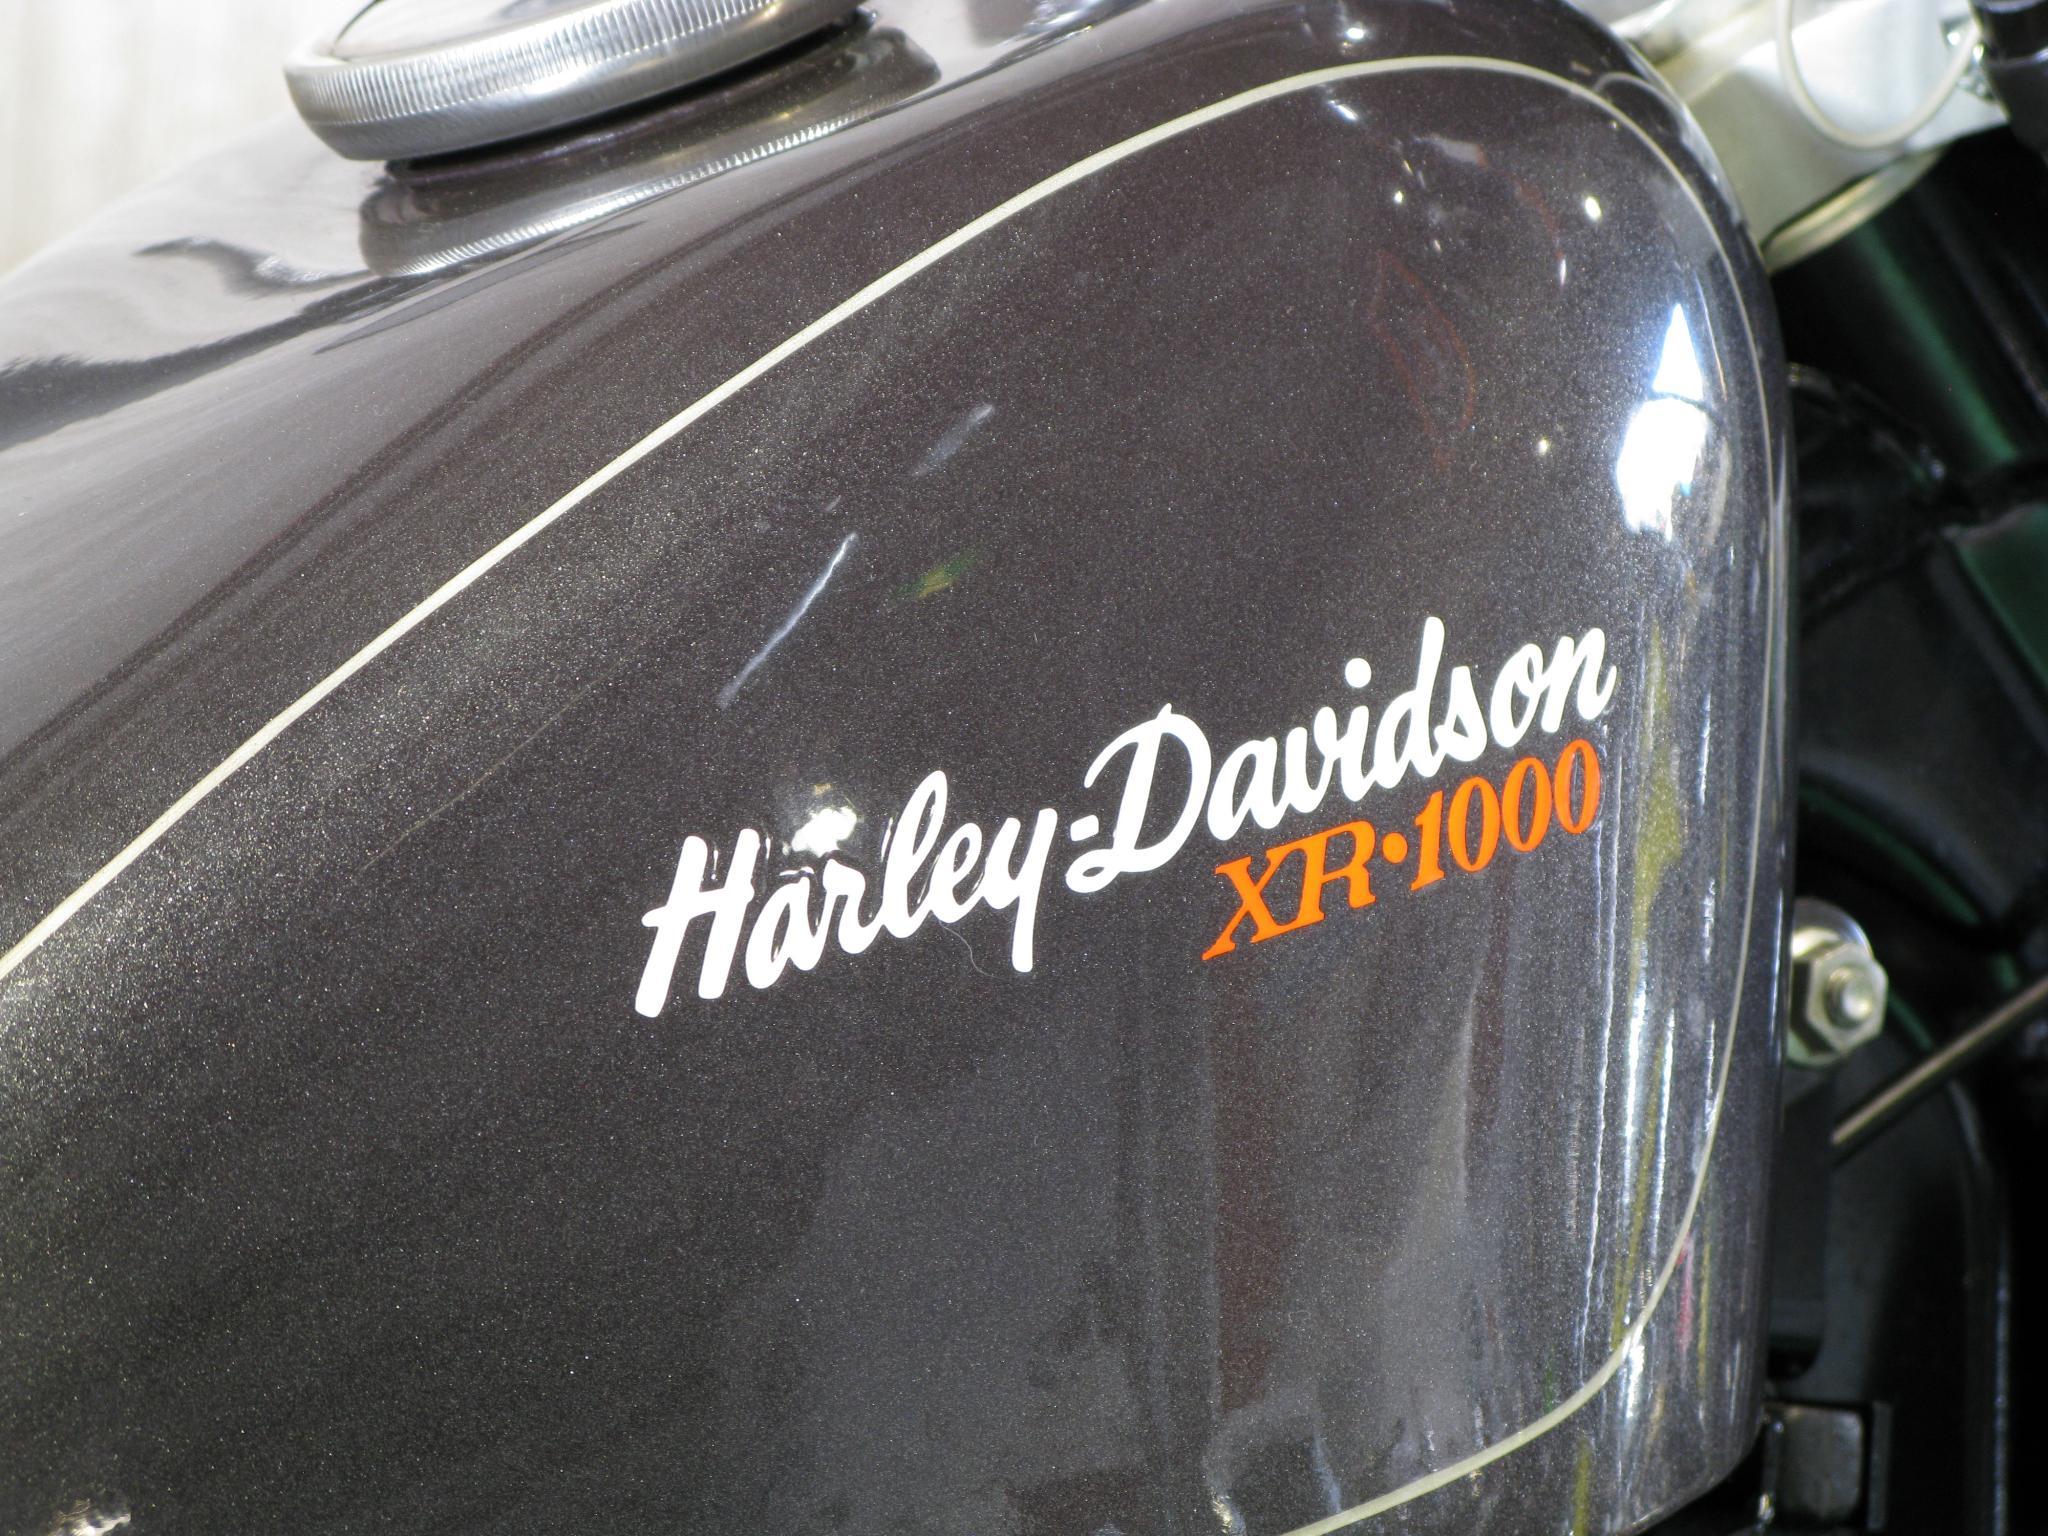 ハーレーダビッドソン 1983 XR 1000 NEW 車体写真9